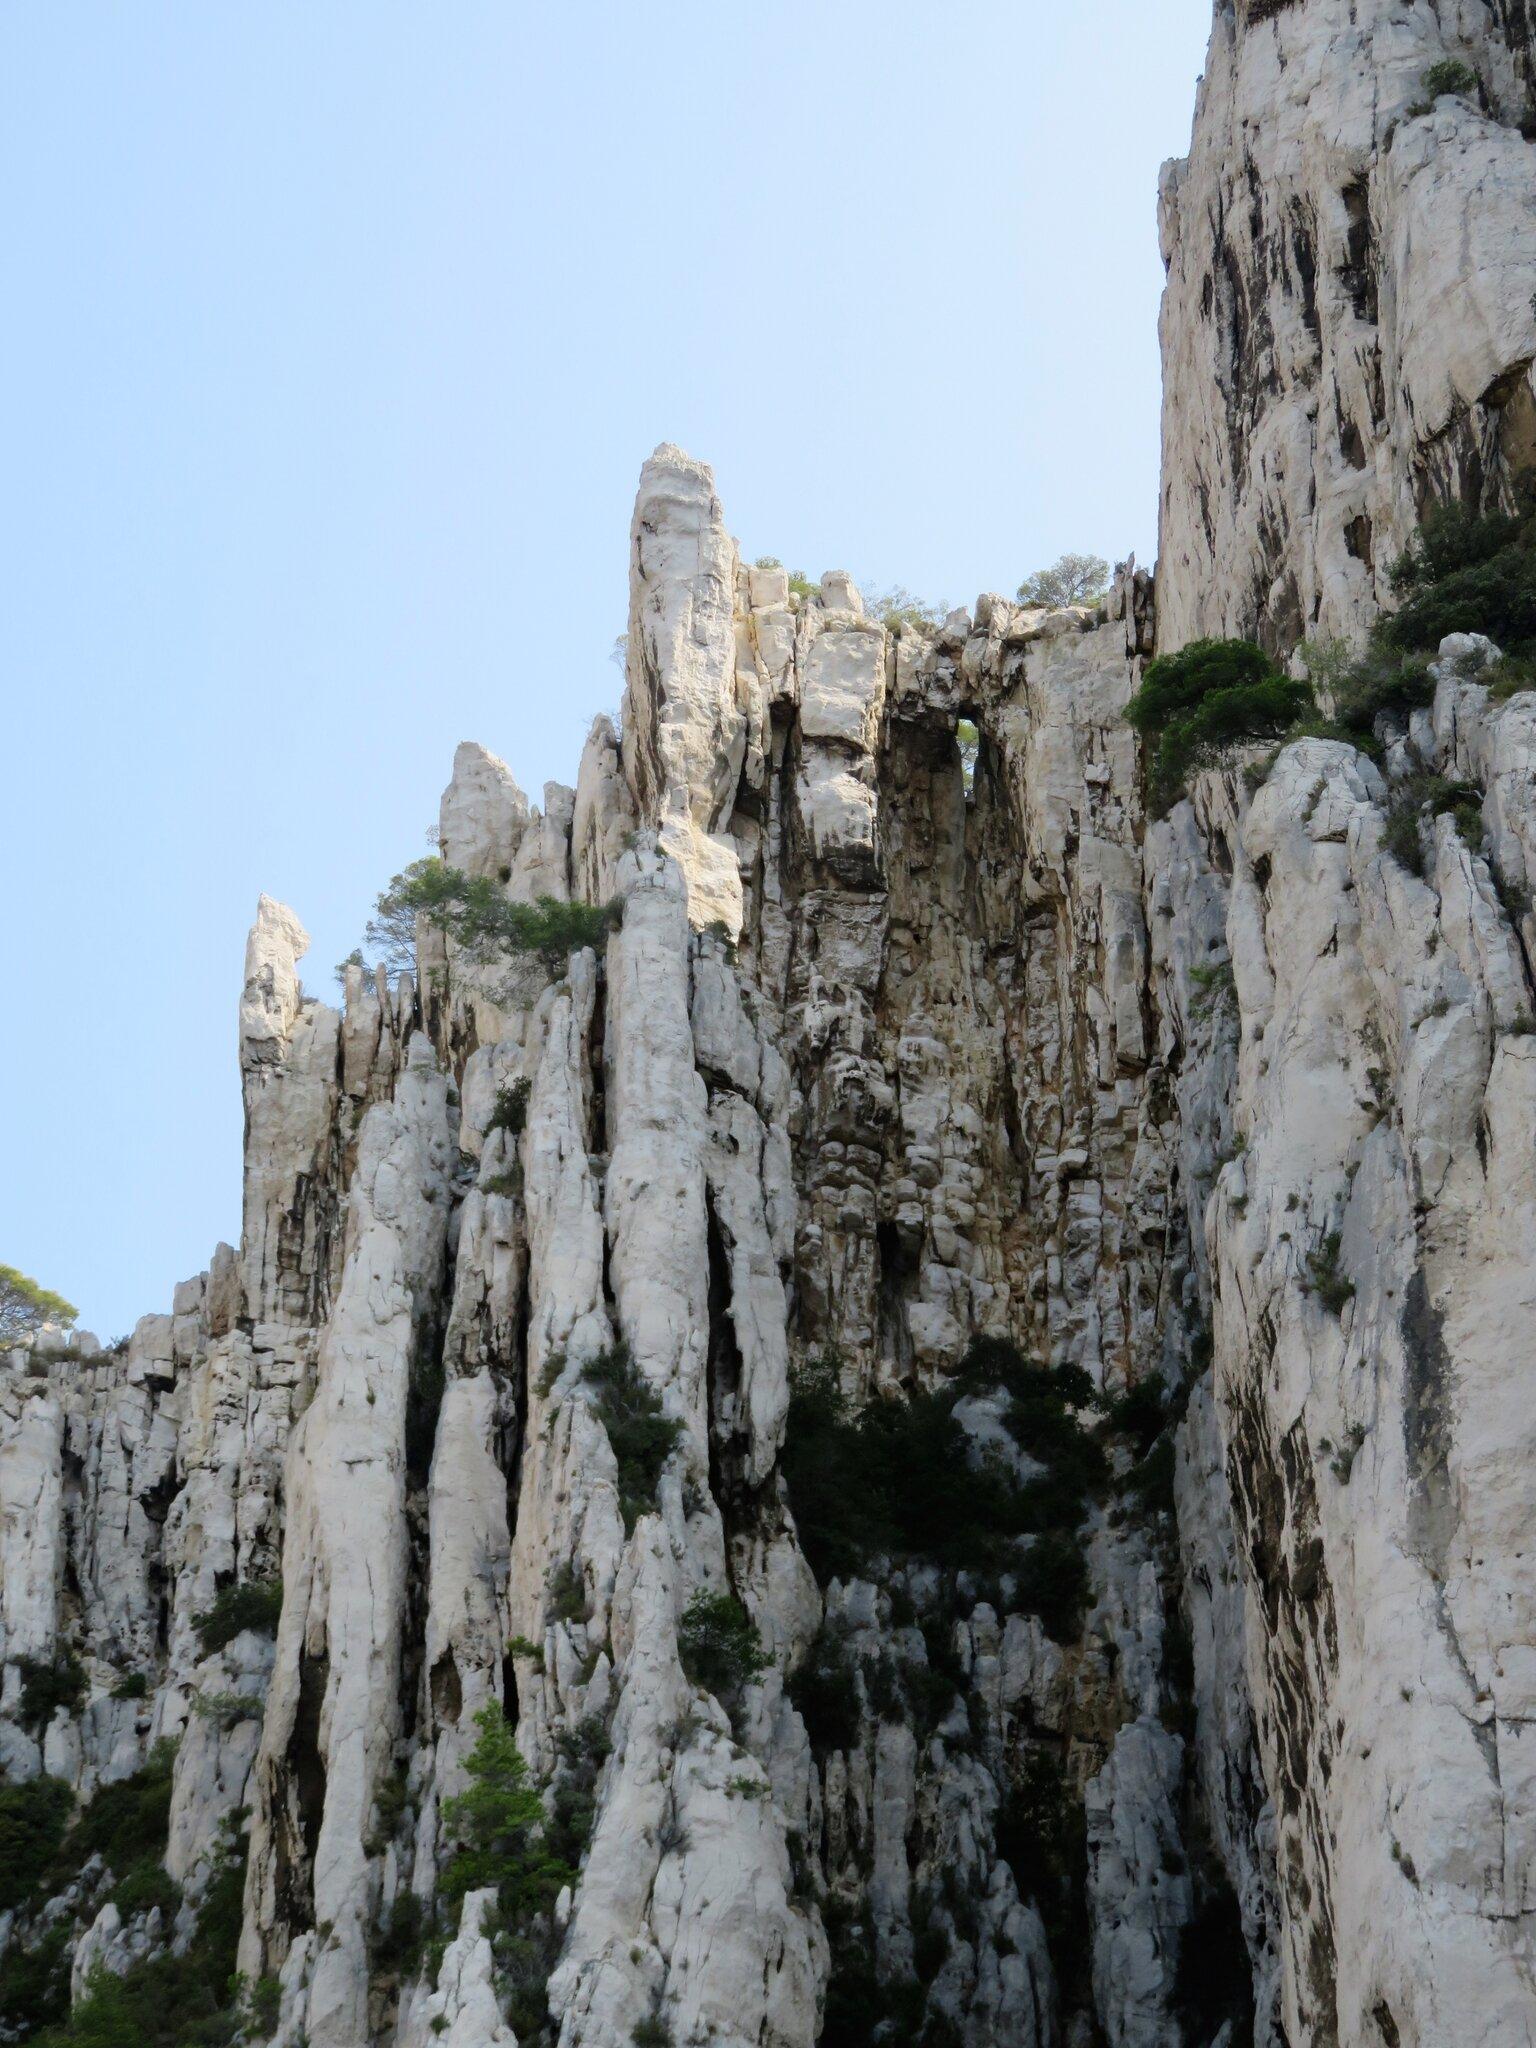 Falaises côtières entre Cassis et Marseille 4/7